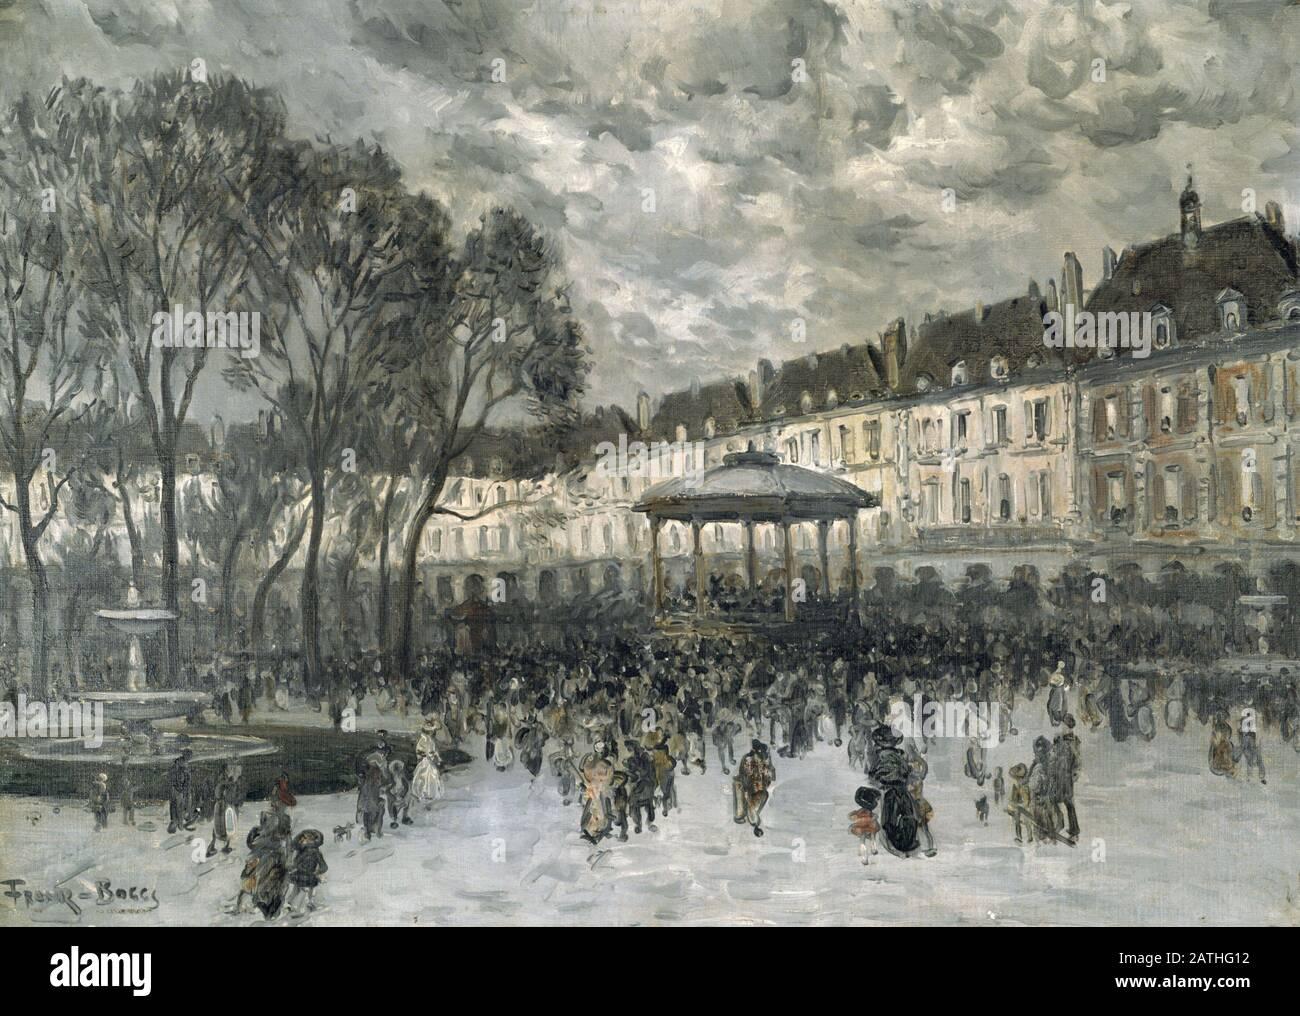 Frank Myers Boggs (Peintre Américain, 1855-1926). Place des Vosges le Jour du Concert. Scène de rue avec musiciens jouant sur le kiosque à musique. Frank Myers Boggs (1855-1926) Peintre Américain. Banque D'Images